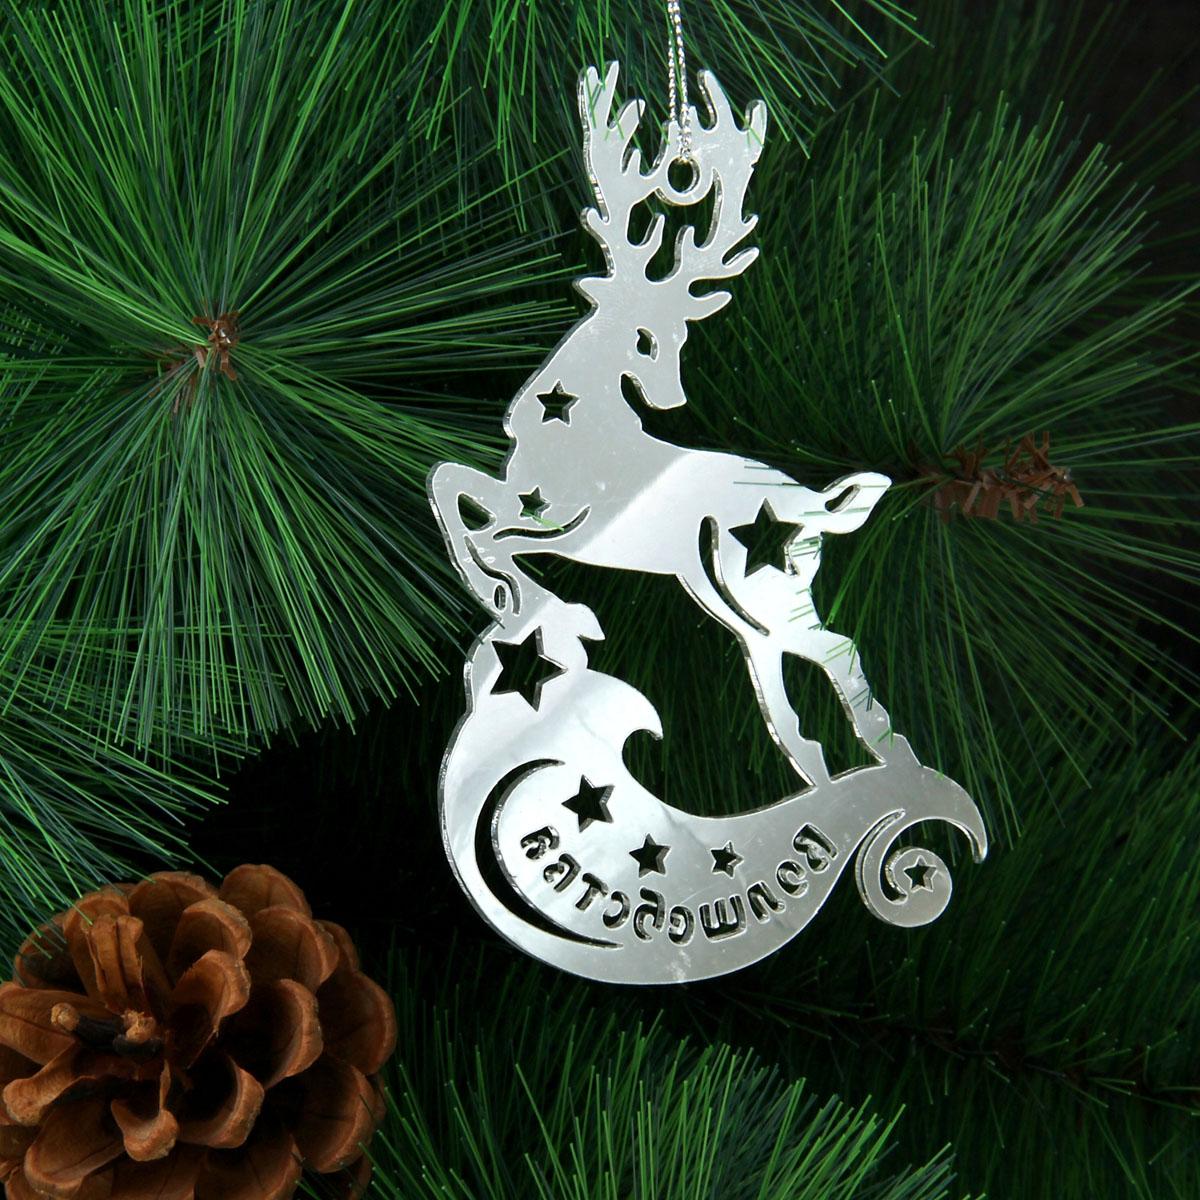 Новогоднее подвесное украшение Sima-land Волшебства, цвет: серебристыйK100Новогоднее украшение Sima-land Волшебства отлично подойдет для декорации вашего дома и новогодней ели. Игрушка выполнена из акрила в виде северного оленя, декорированного изображением звезд. Украшение оснащено зеркальной поверхностью и специальной текстильной петелькой для подвешивания.Елочная игрушка - символ Нового года. Она несет в себе волшебство и красоту праздника. Создайте в своем доме атмосферу веселья и радости, украшая всей семьей новогоднюю елку нарядными игрушками, которые будут из года в год накапливать теплоту воспоминаний. Коллекция декоративных украшений из серии Зимнее волшебство принесет в ваш дом ни с чем не сравнимое ощущение праздника! Материал: акрил, текстиль.